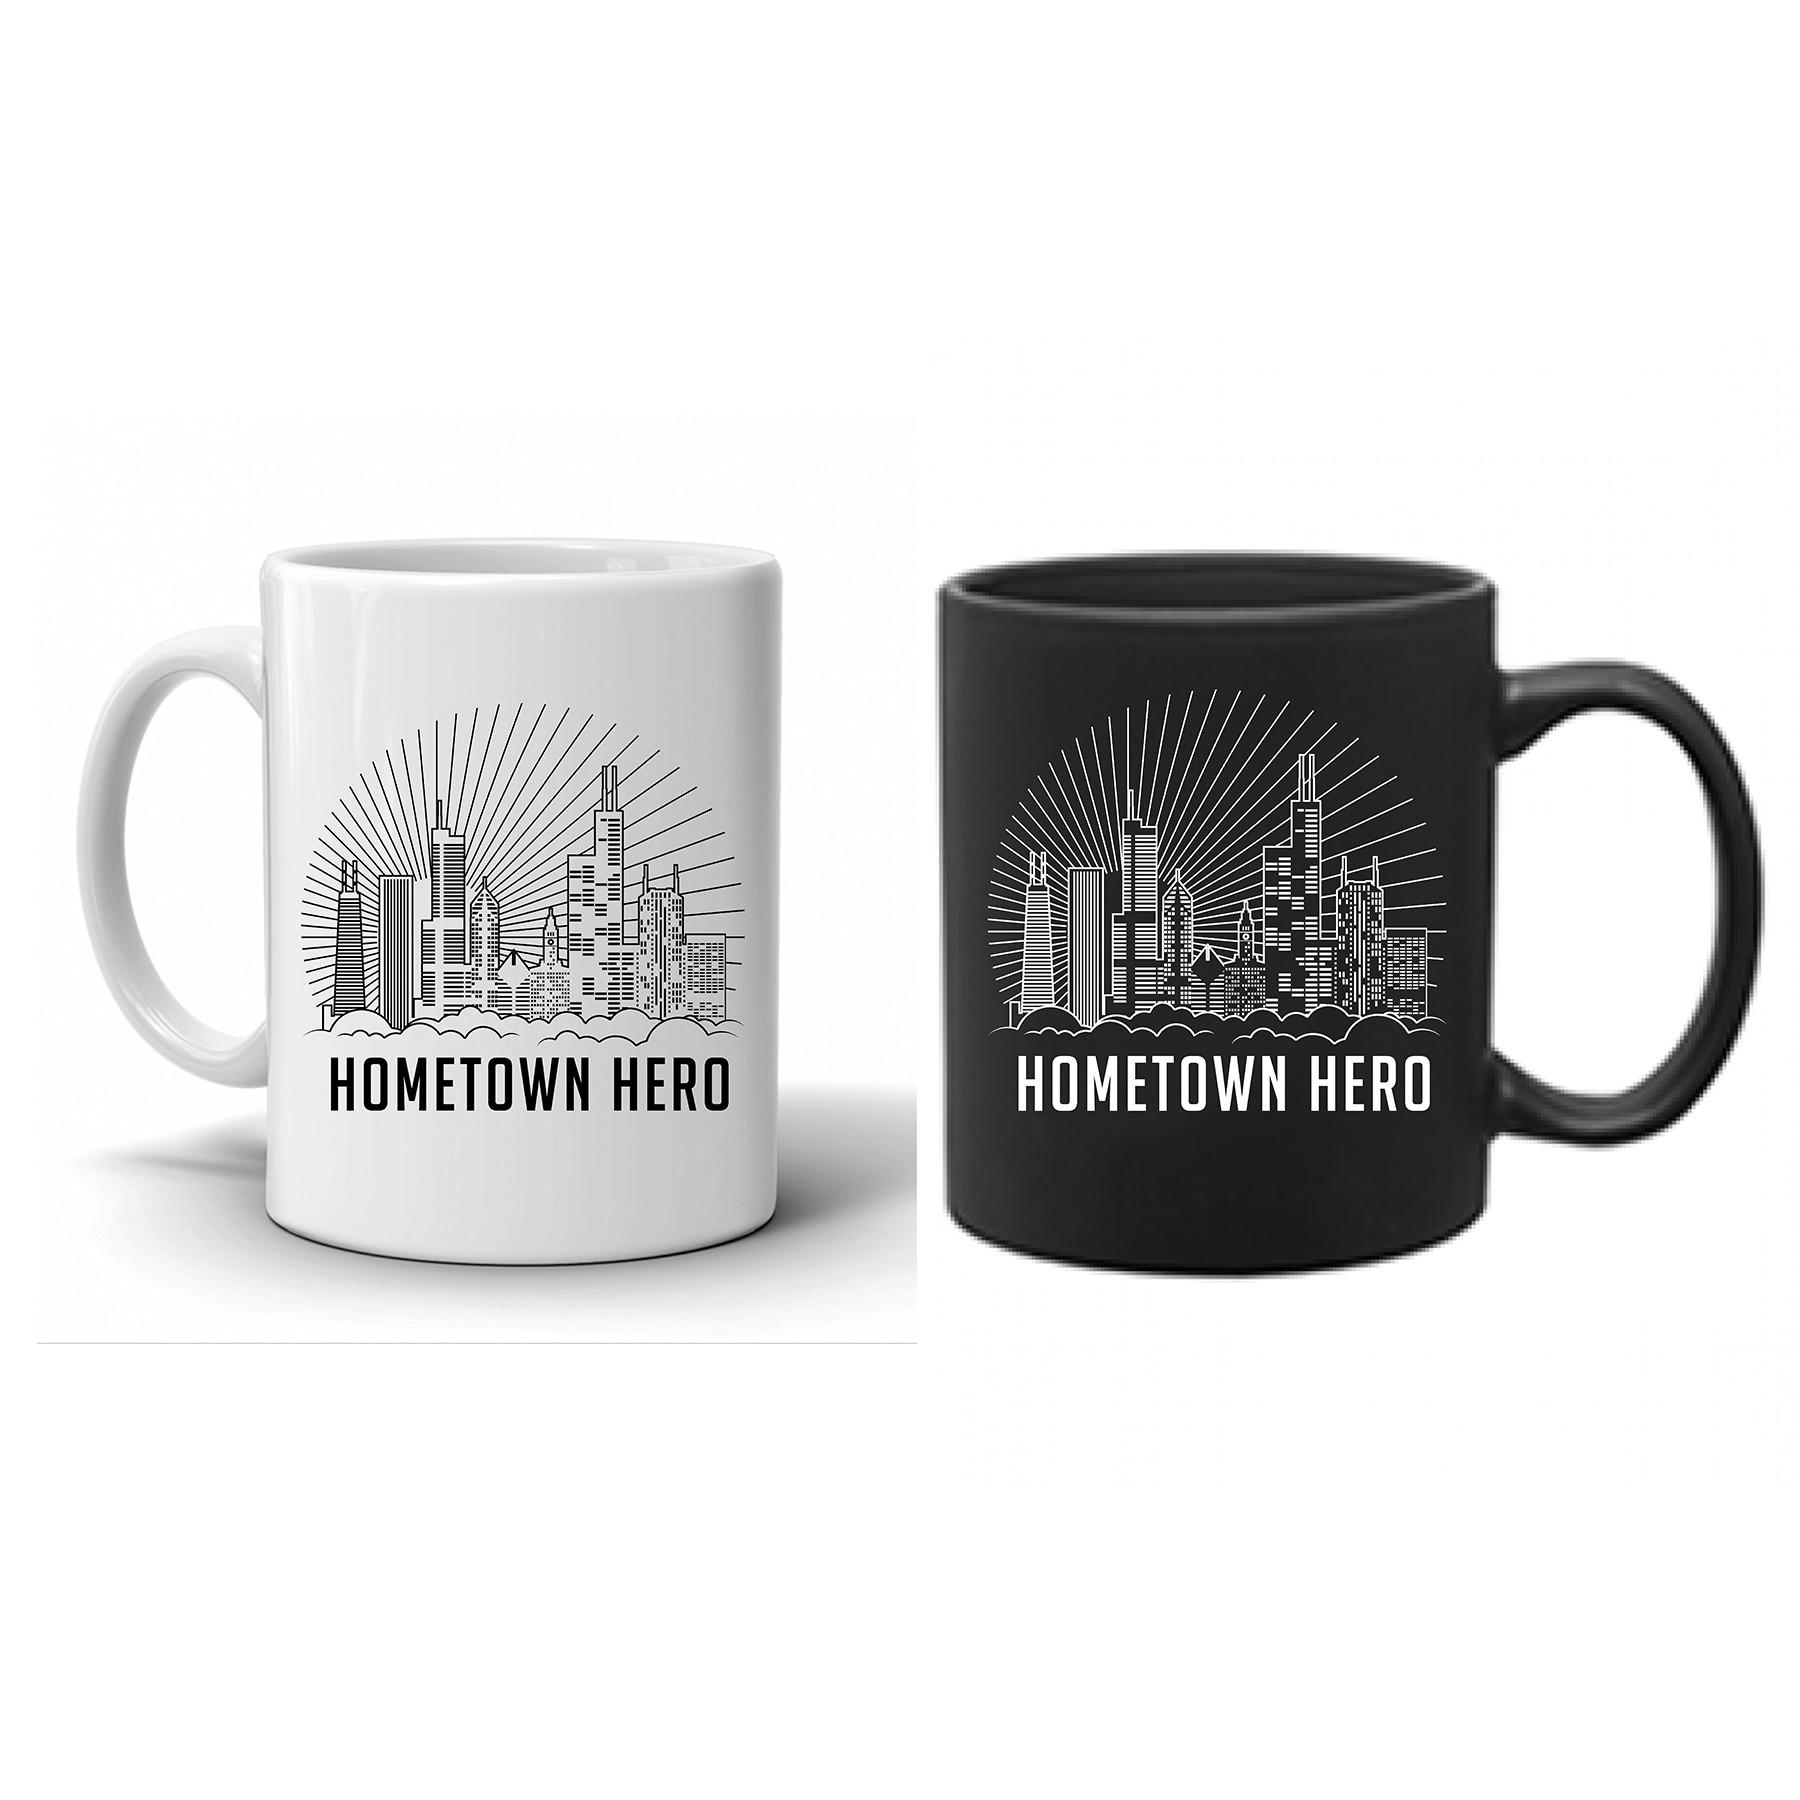 Hometown Hero Mug